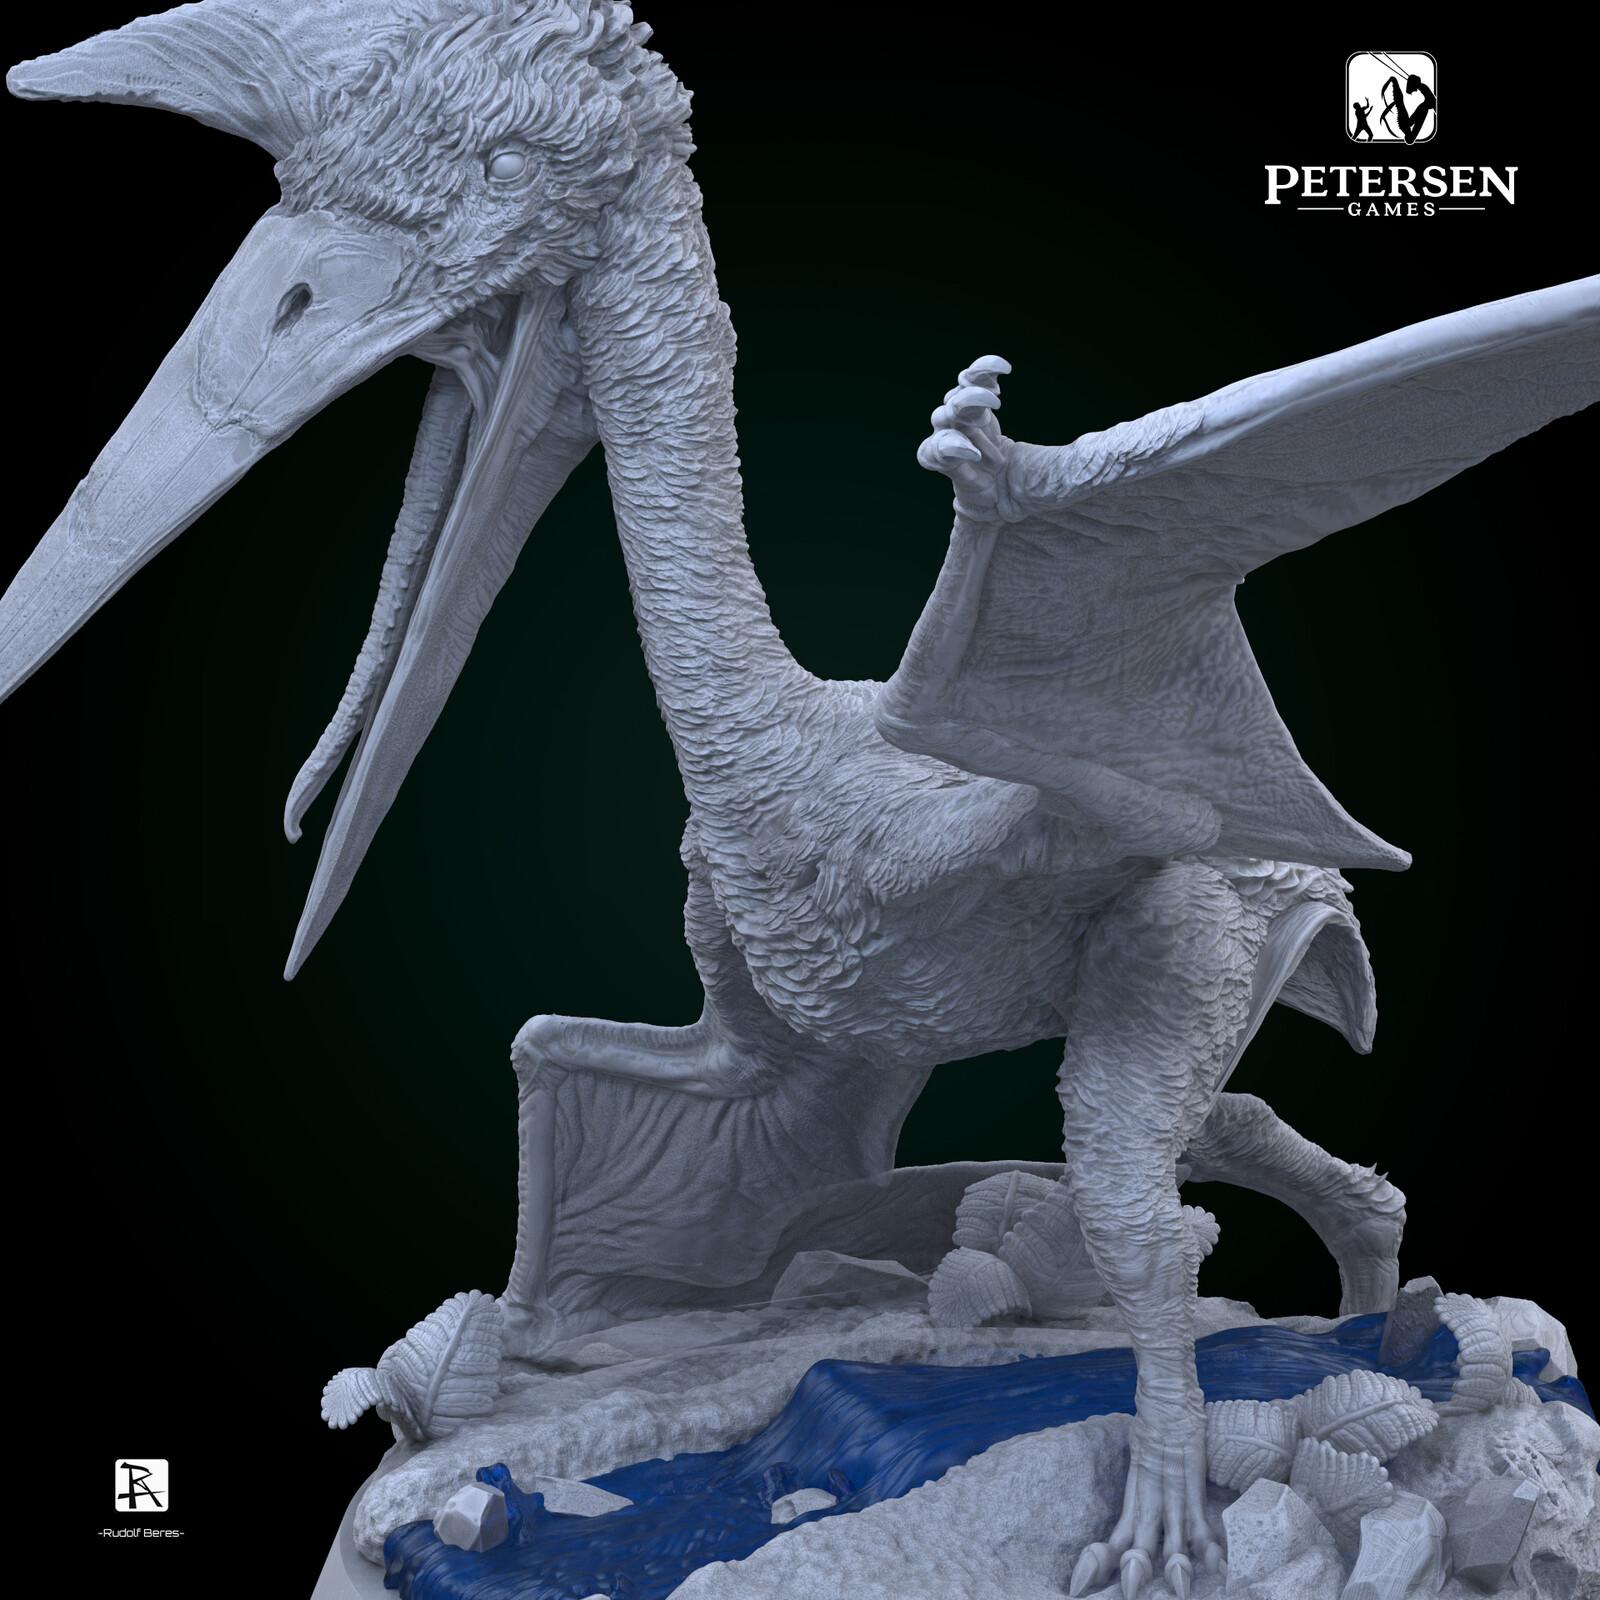 Dinosaur 1944 Sandy Petersen Quetzalcoatlus